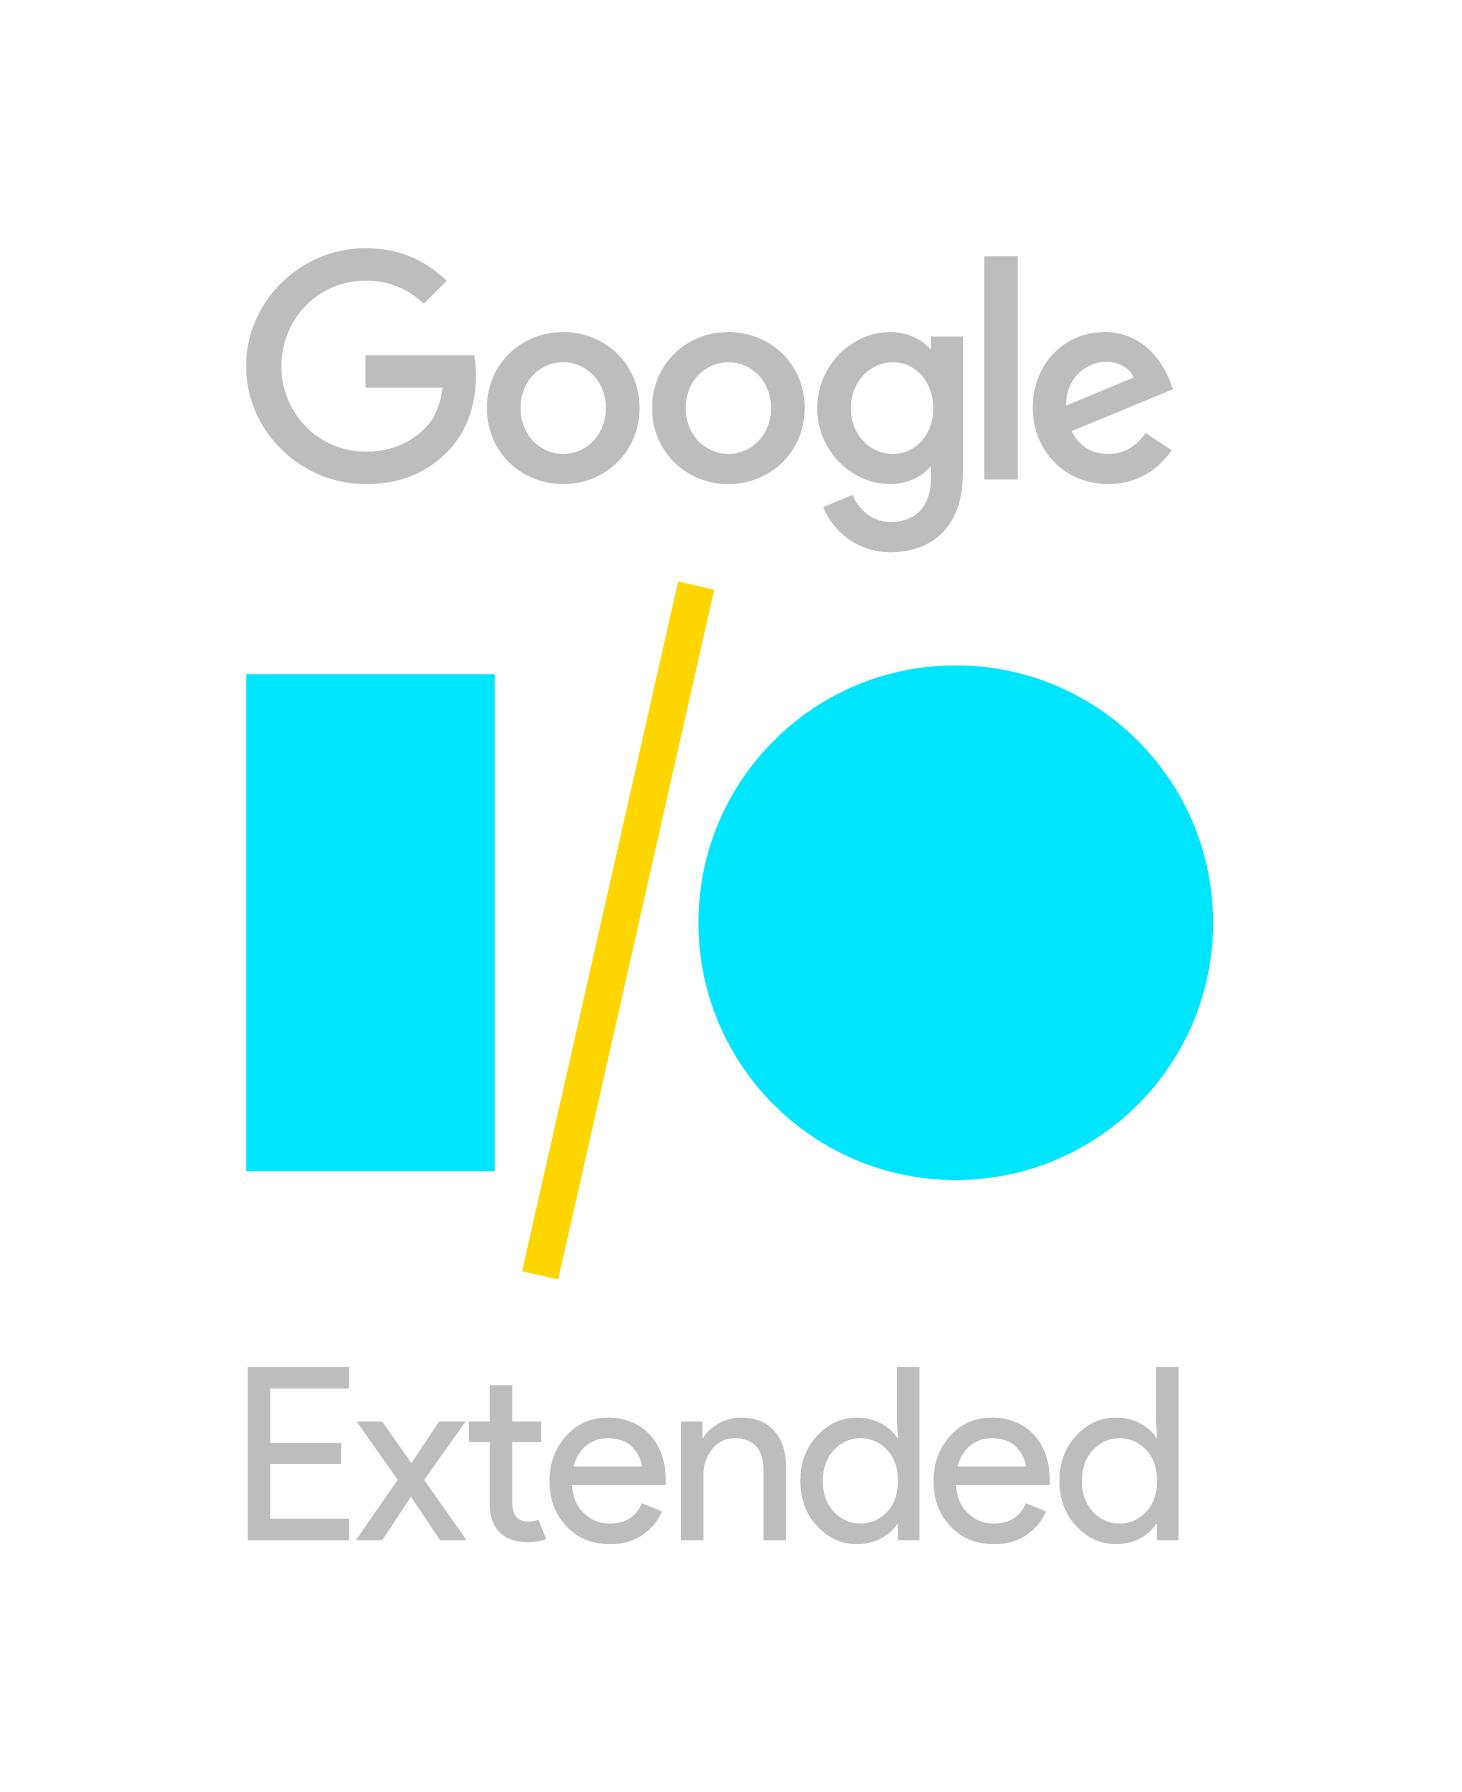 I/O Extended 2017 Jičín